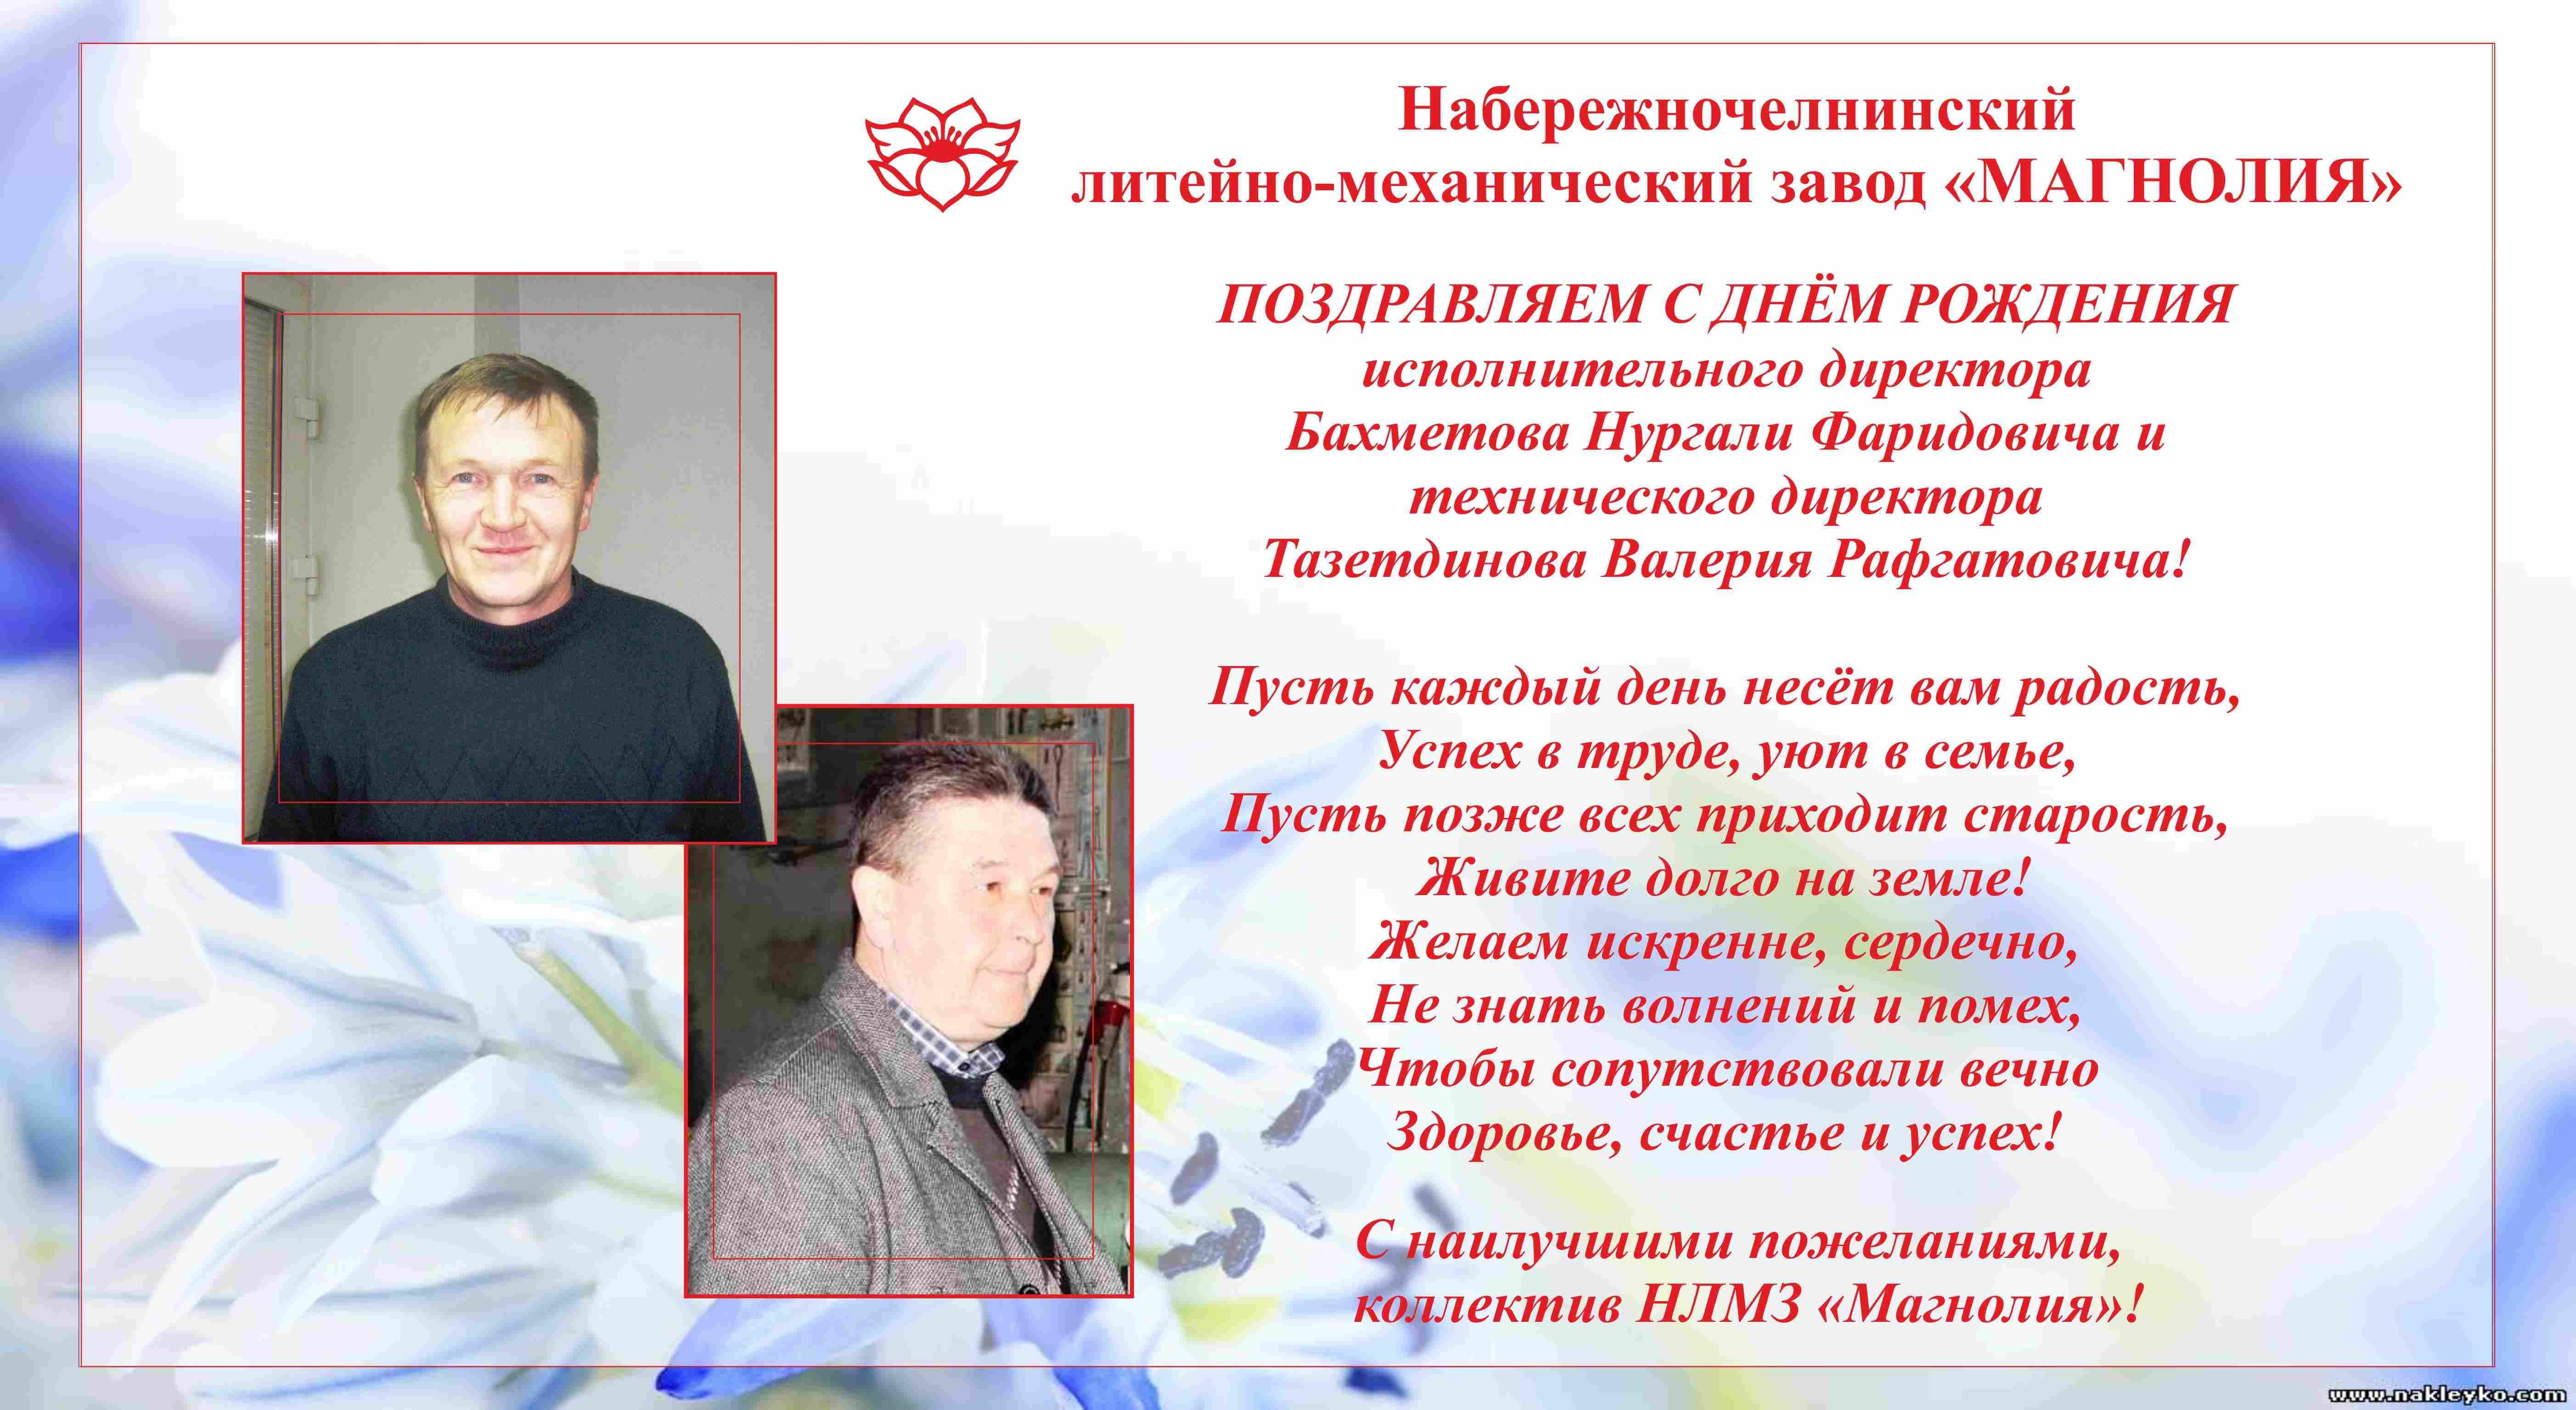 Поздравление исполнительному директору с днем рождения